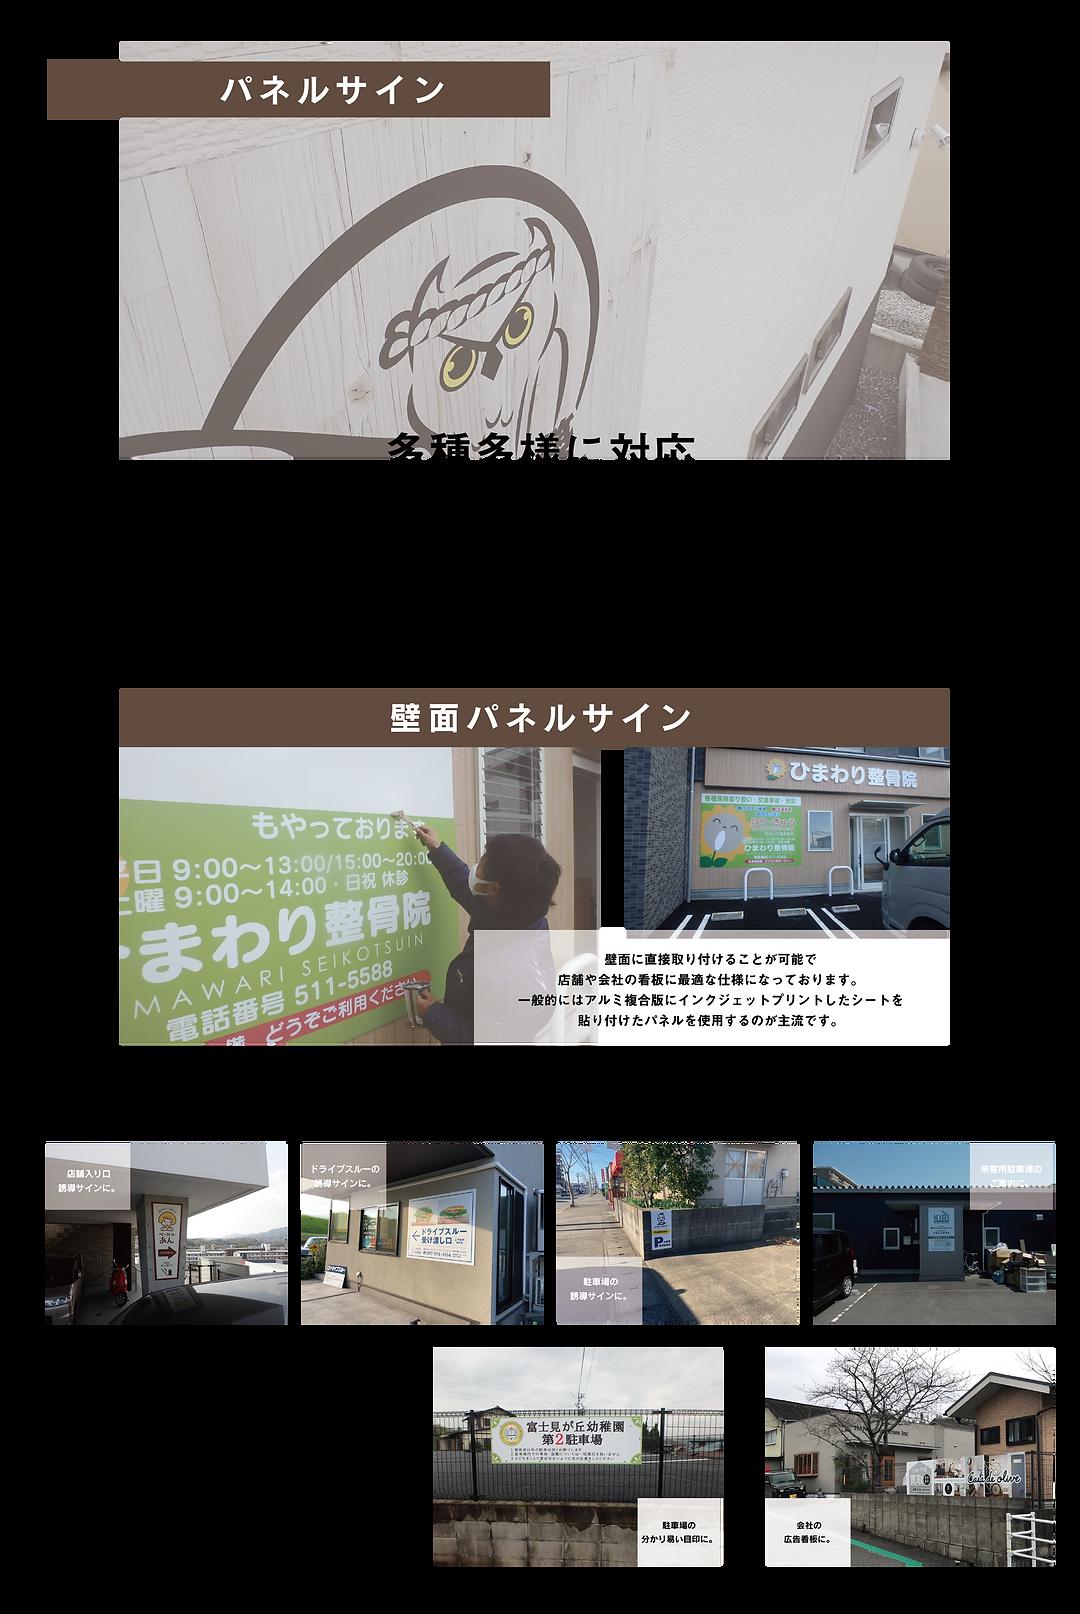 パネルサイン_説明01-01.png